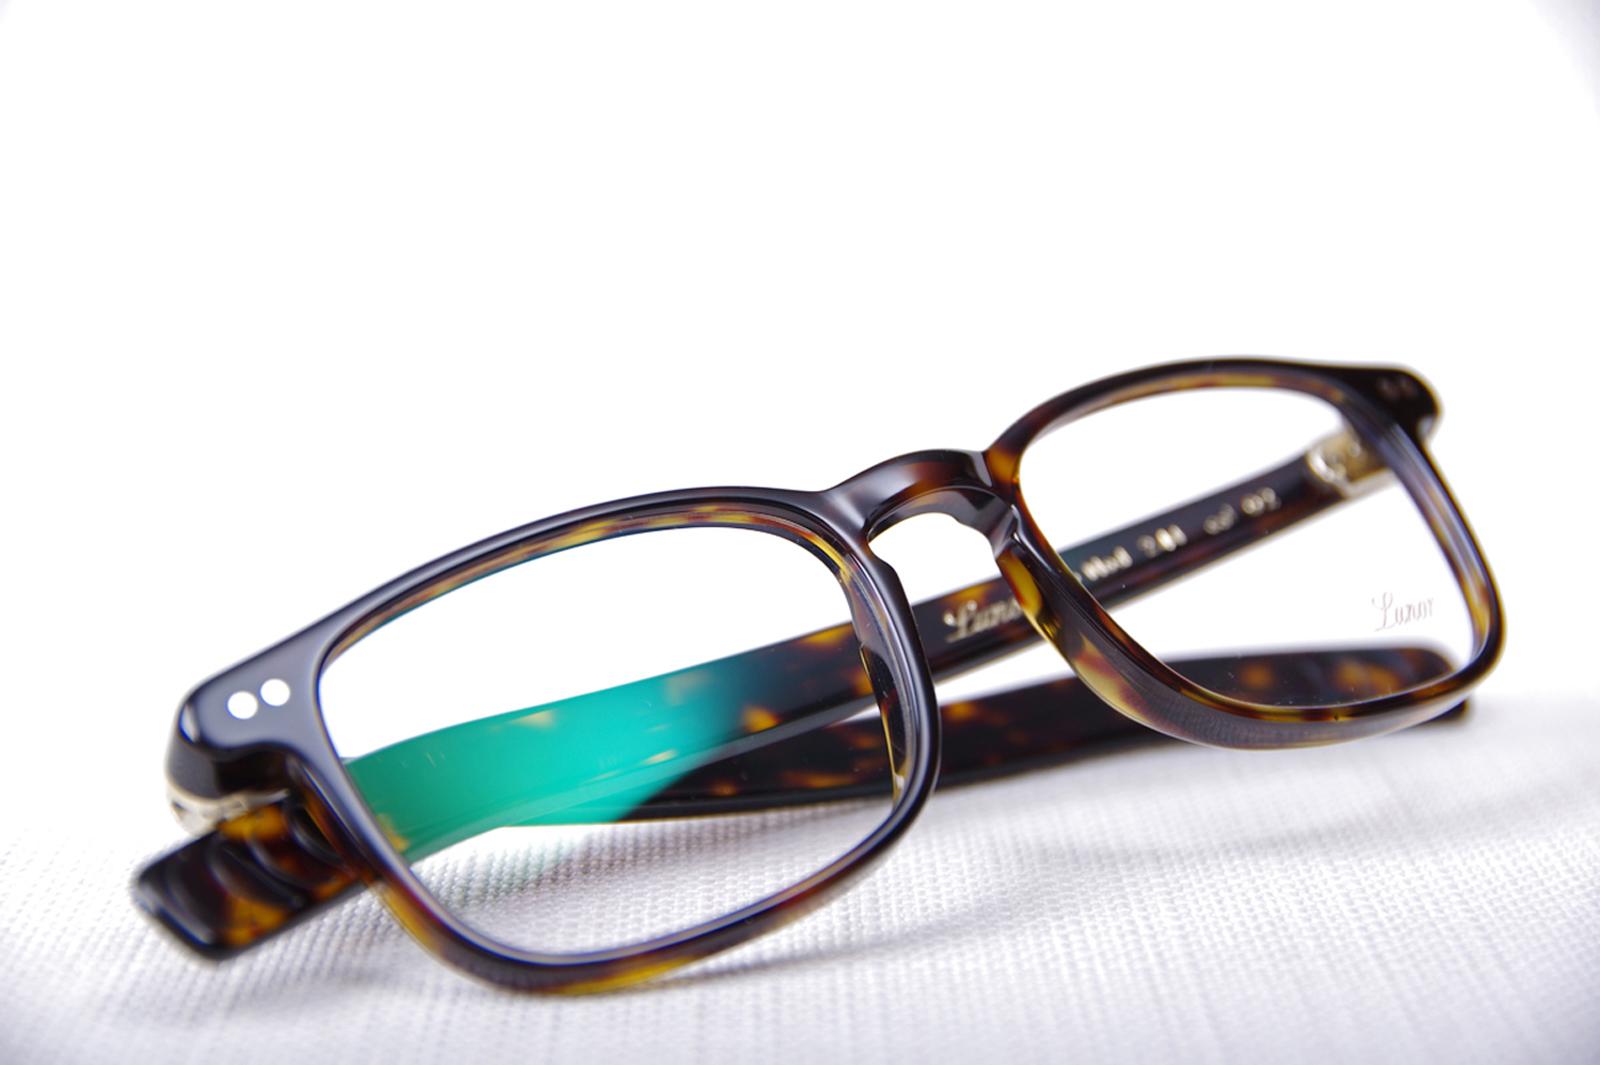 lunettes de vue pour homme lunor 244 opticien haut de gamme sainte adresse optique. Black Bedroom Furniture Sets. Home Design Ideas